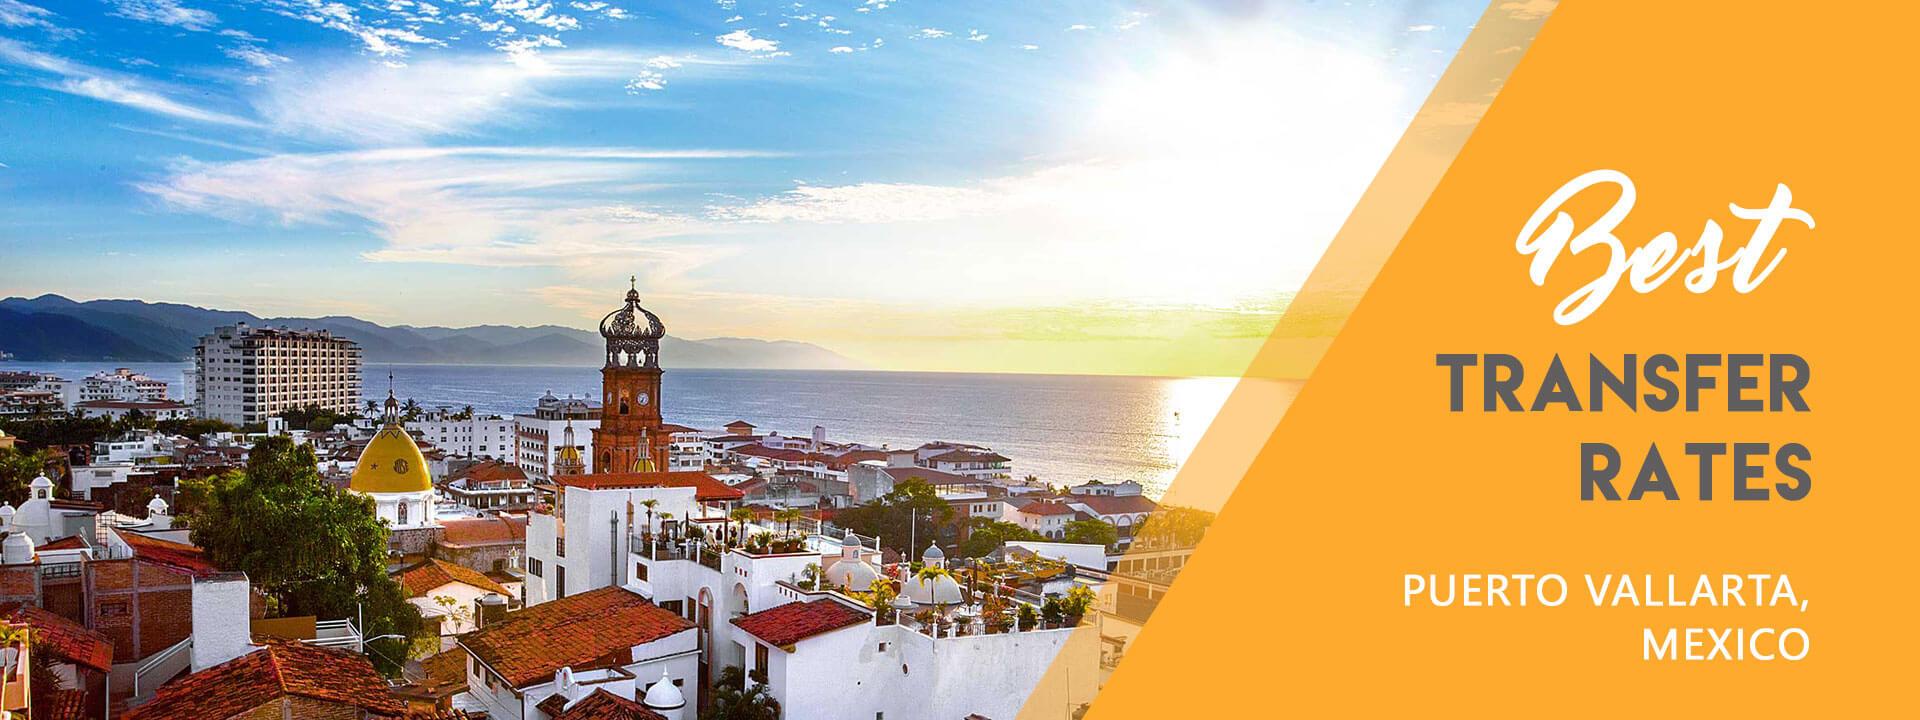 Puerto Vallarta Airport Transportation best rates